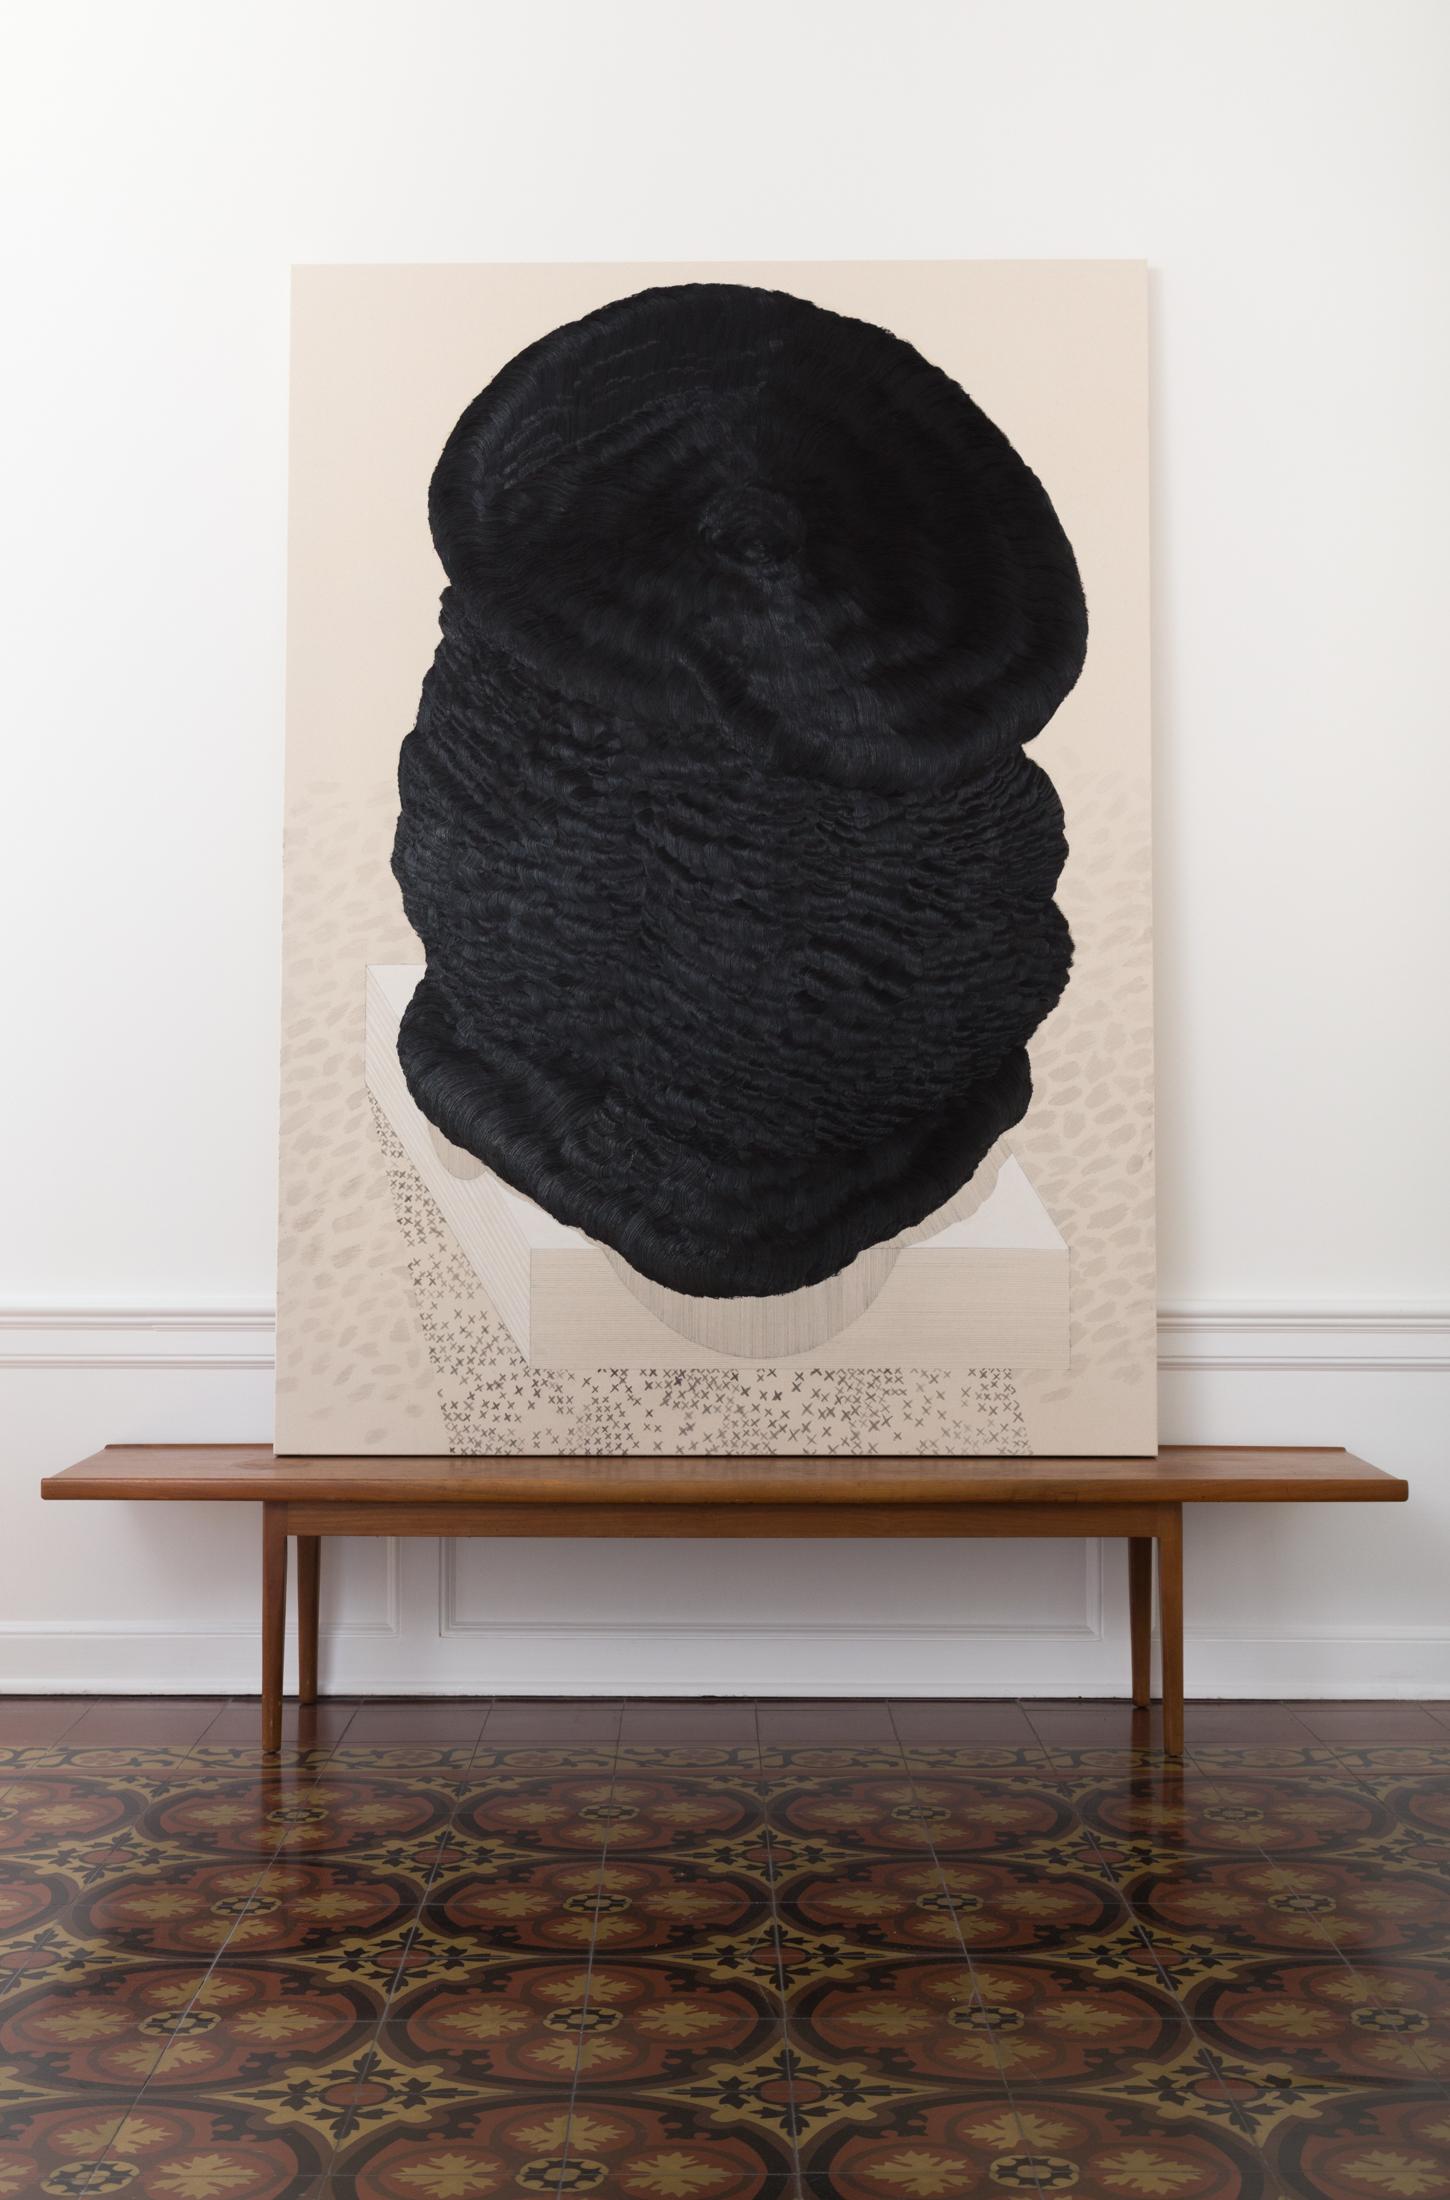 Joshua Miller,  Figure Dissociation, No. 3. 2016. Oil on linen. 71 3/4 in. x 52 in.